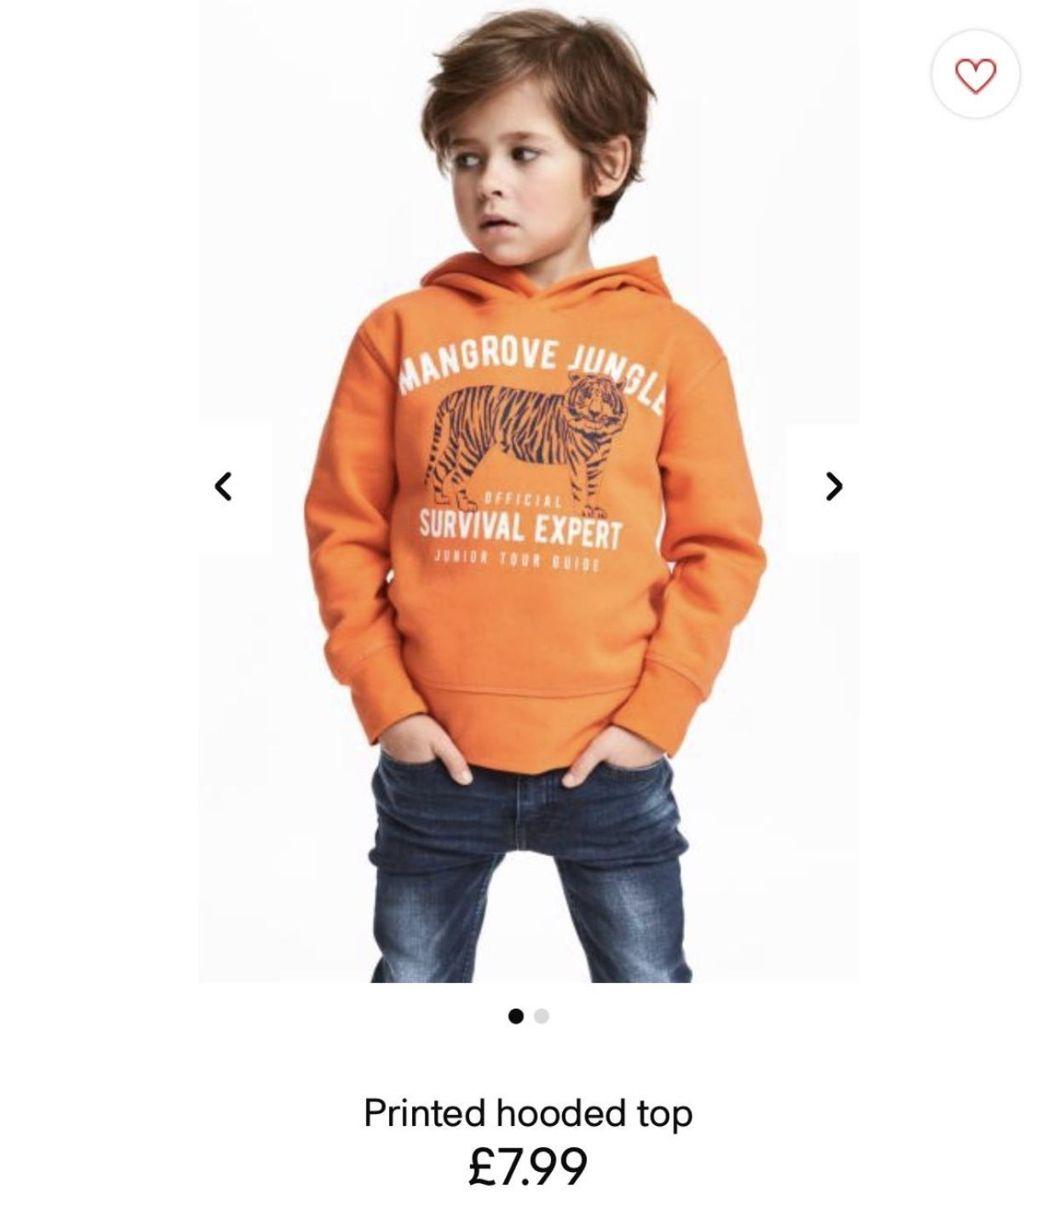 H&M找黑人小孩「當猴子」模特兒,挨轟「種族歧視」緊急撤圖道歉!